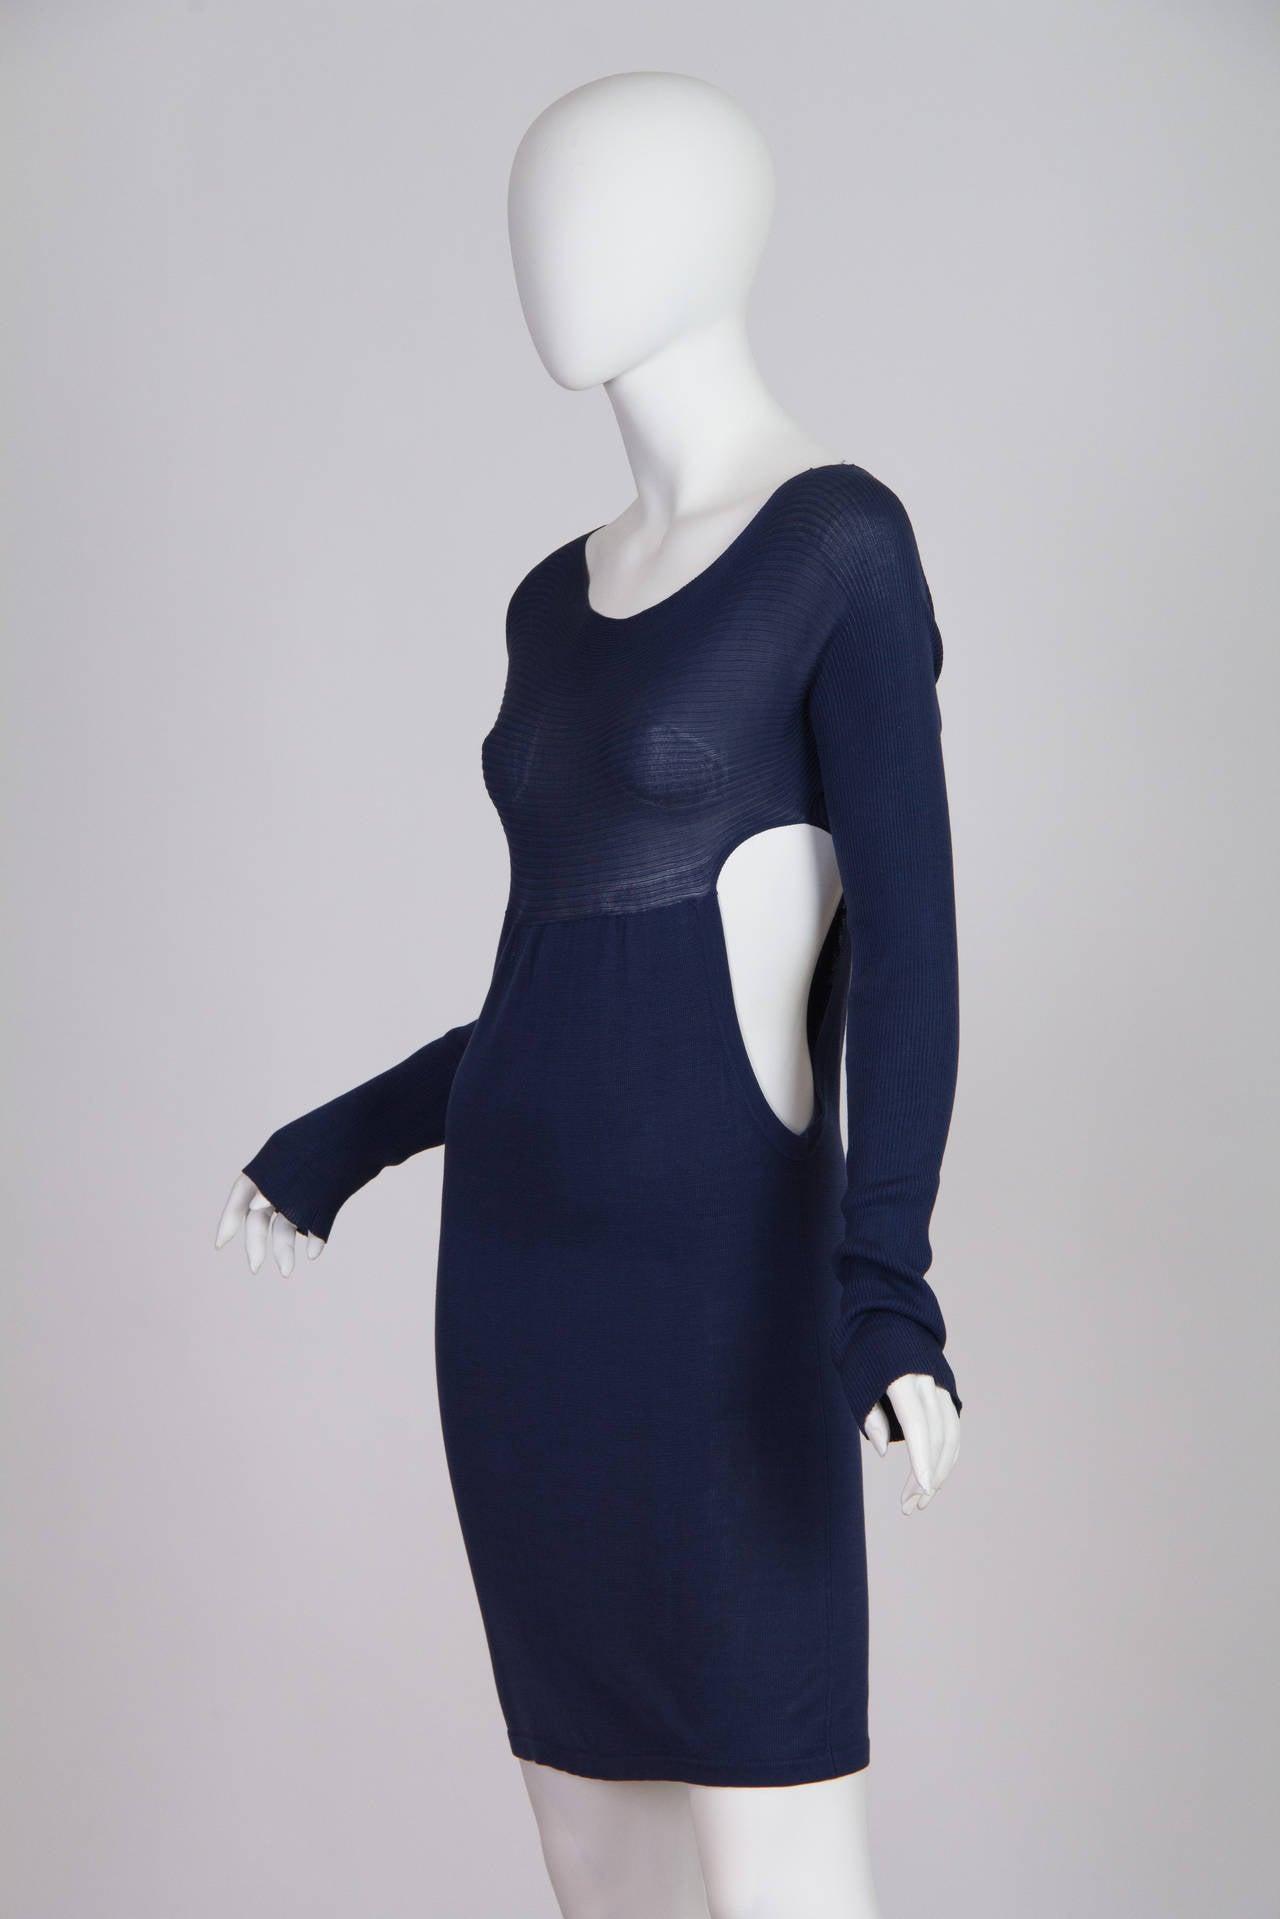 Yohji Yamamoto Side Cut-Out Dress 6